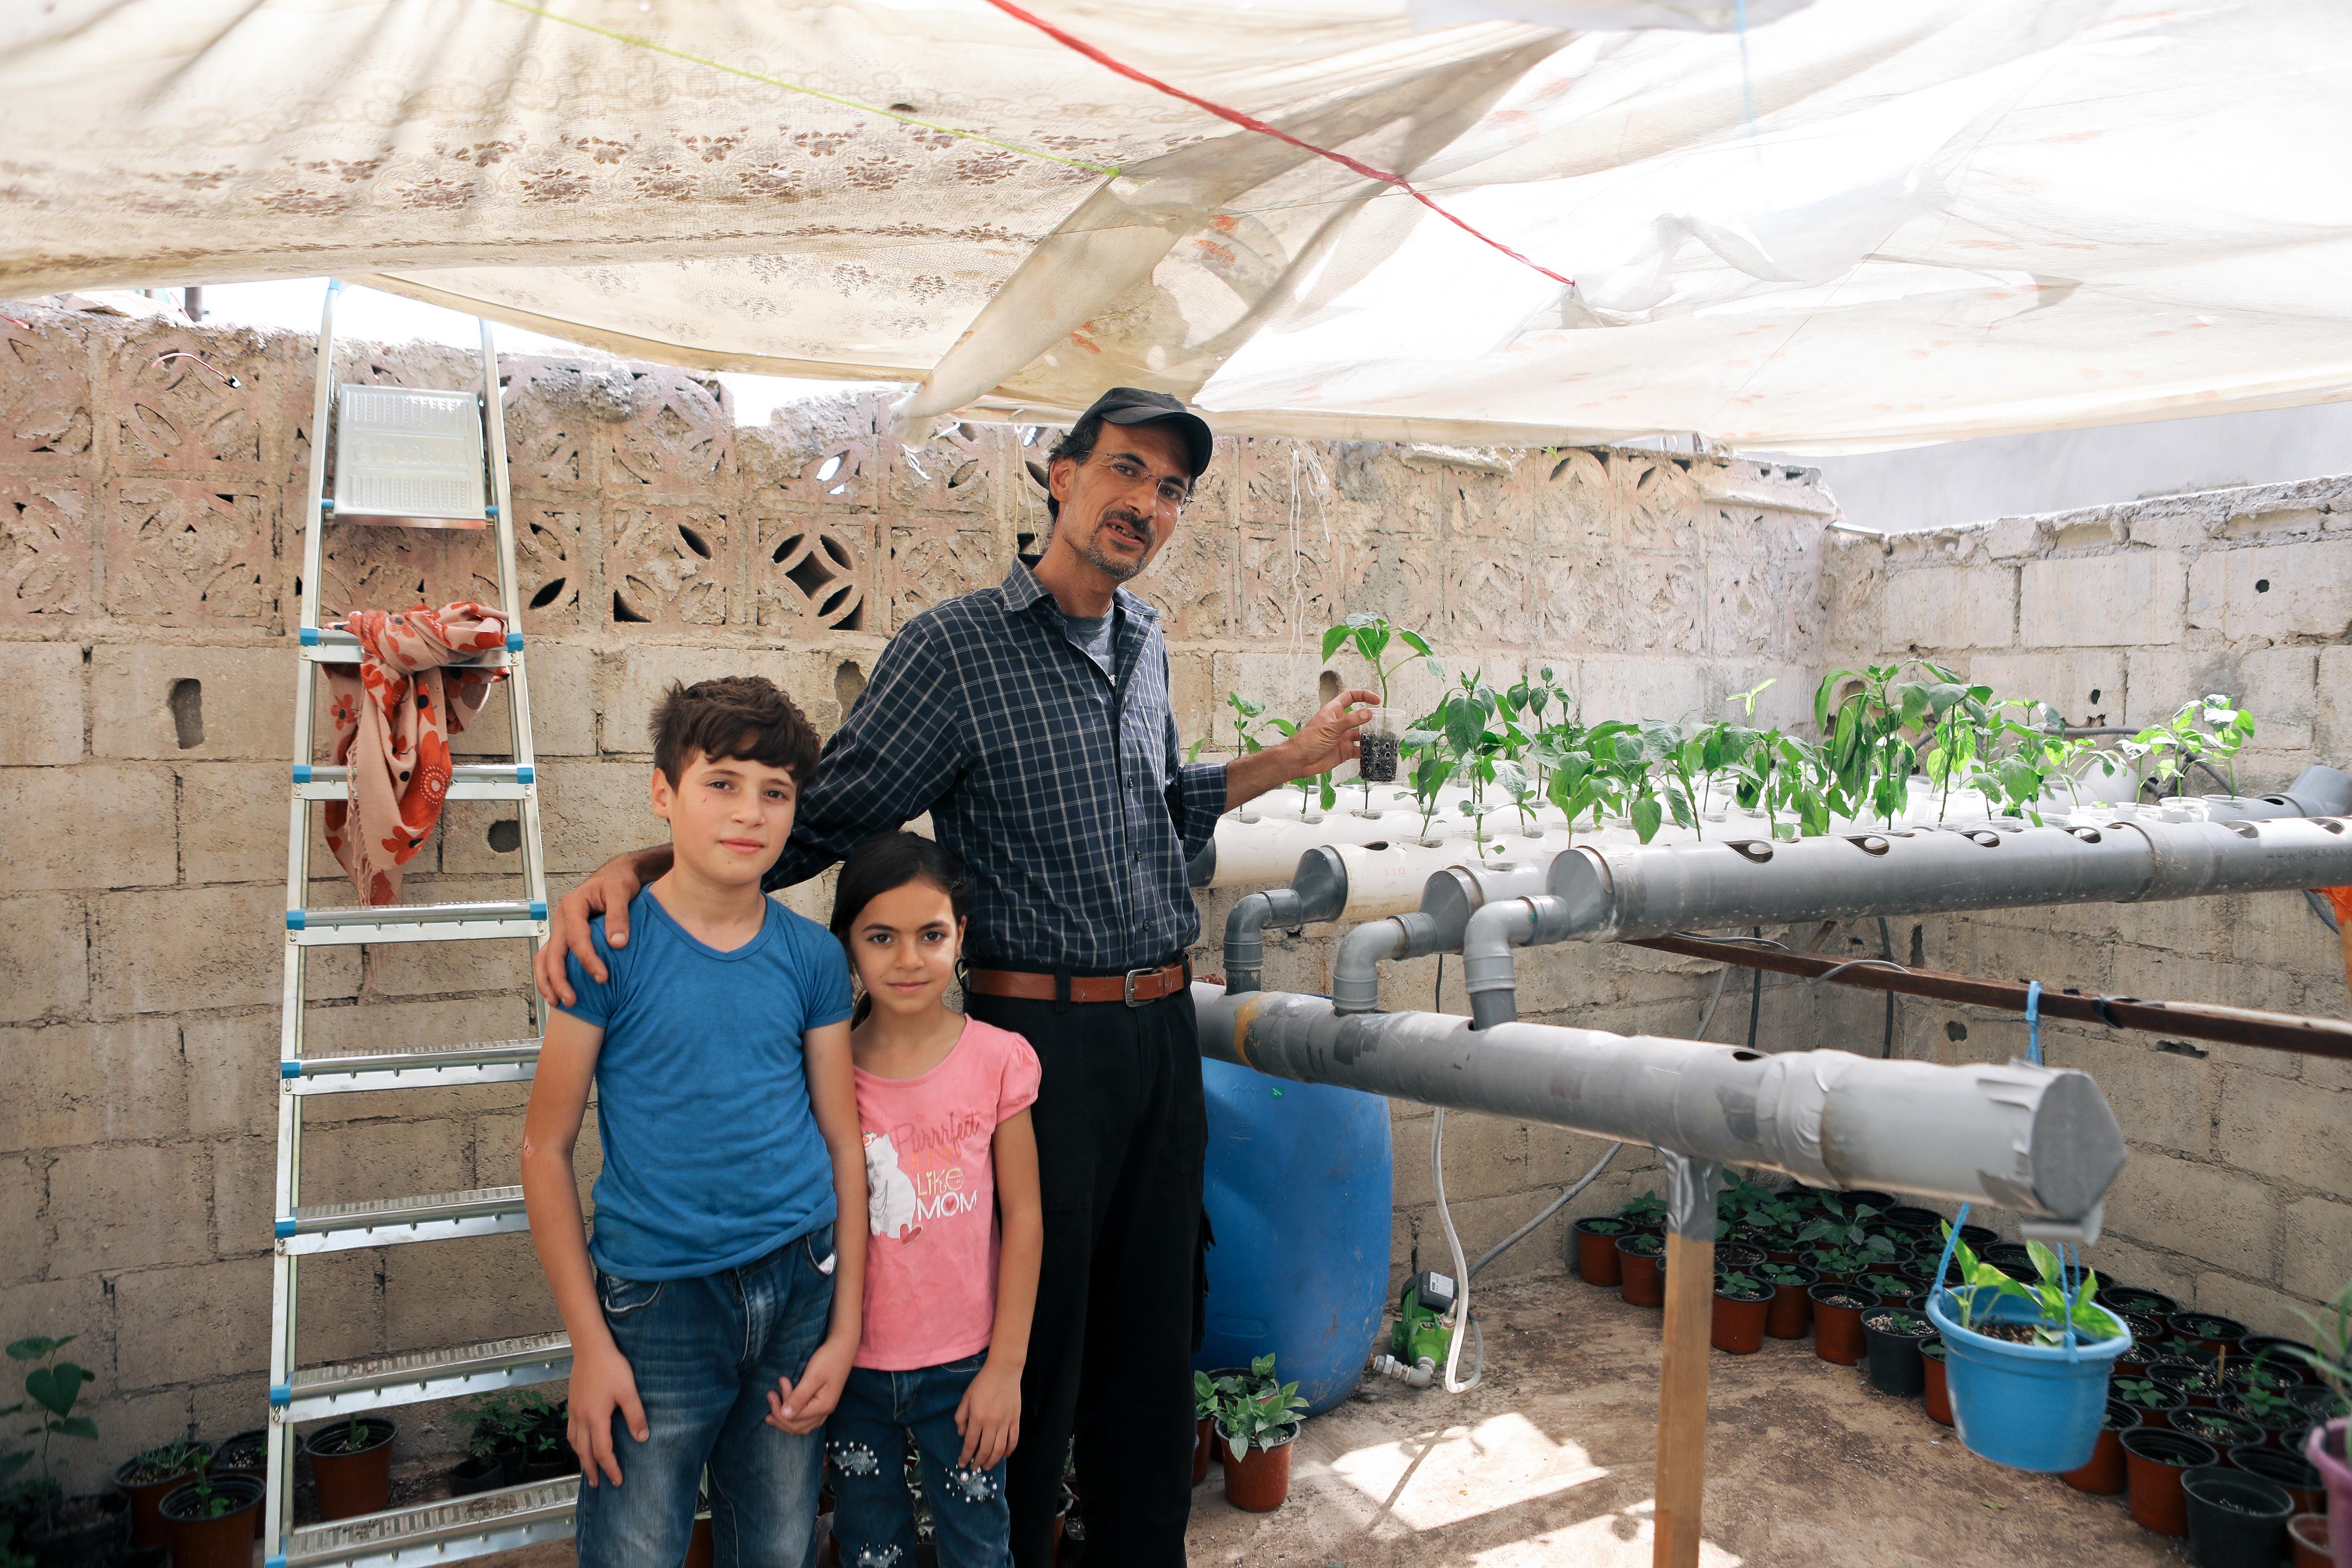 Ibrahim Milhem esittelee vesiviljelmän prototyyppiä.